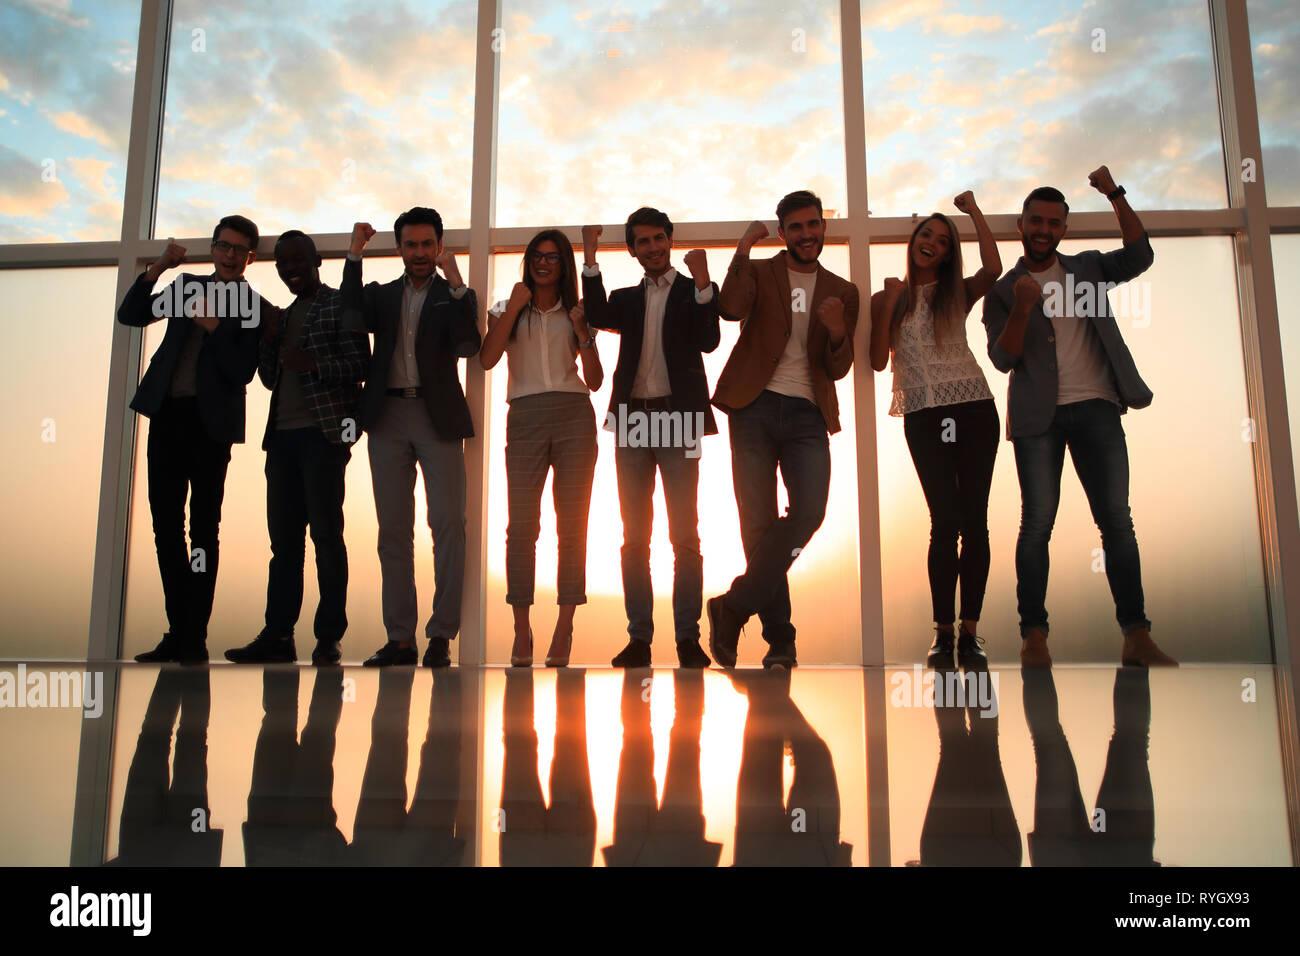 Grupo de jóvenes profesionales de pie en una oficina con una ventana grande Foto de stock